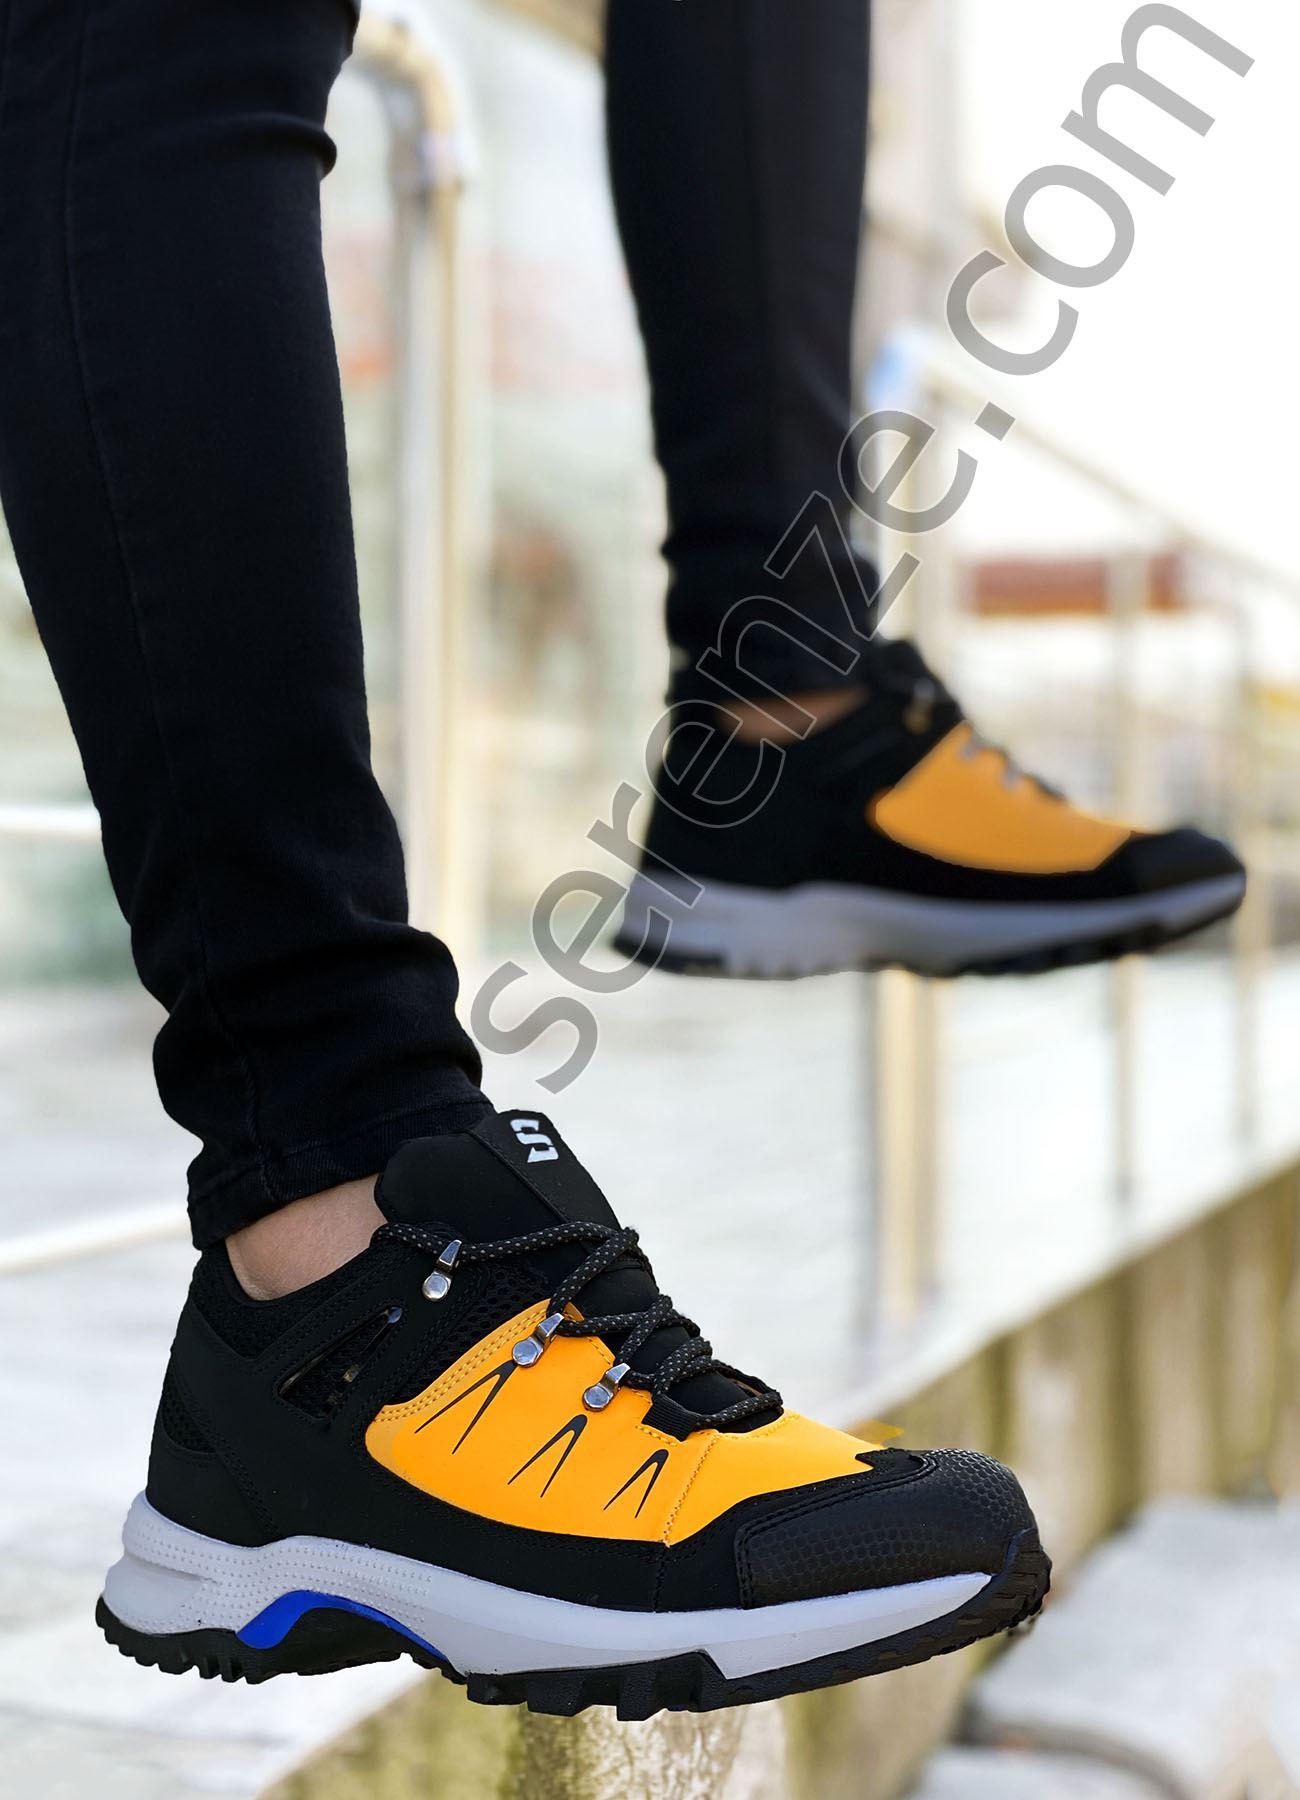 Siyah Sarı Süper Strong Trekking Erkek Ayakkabı